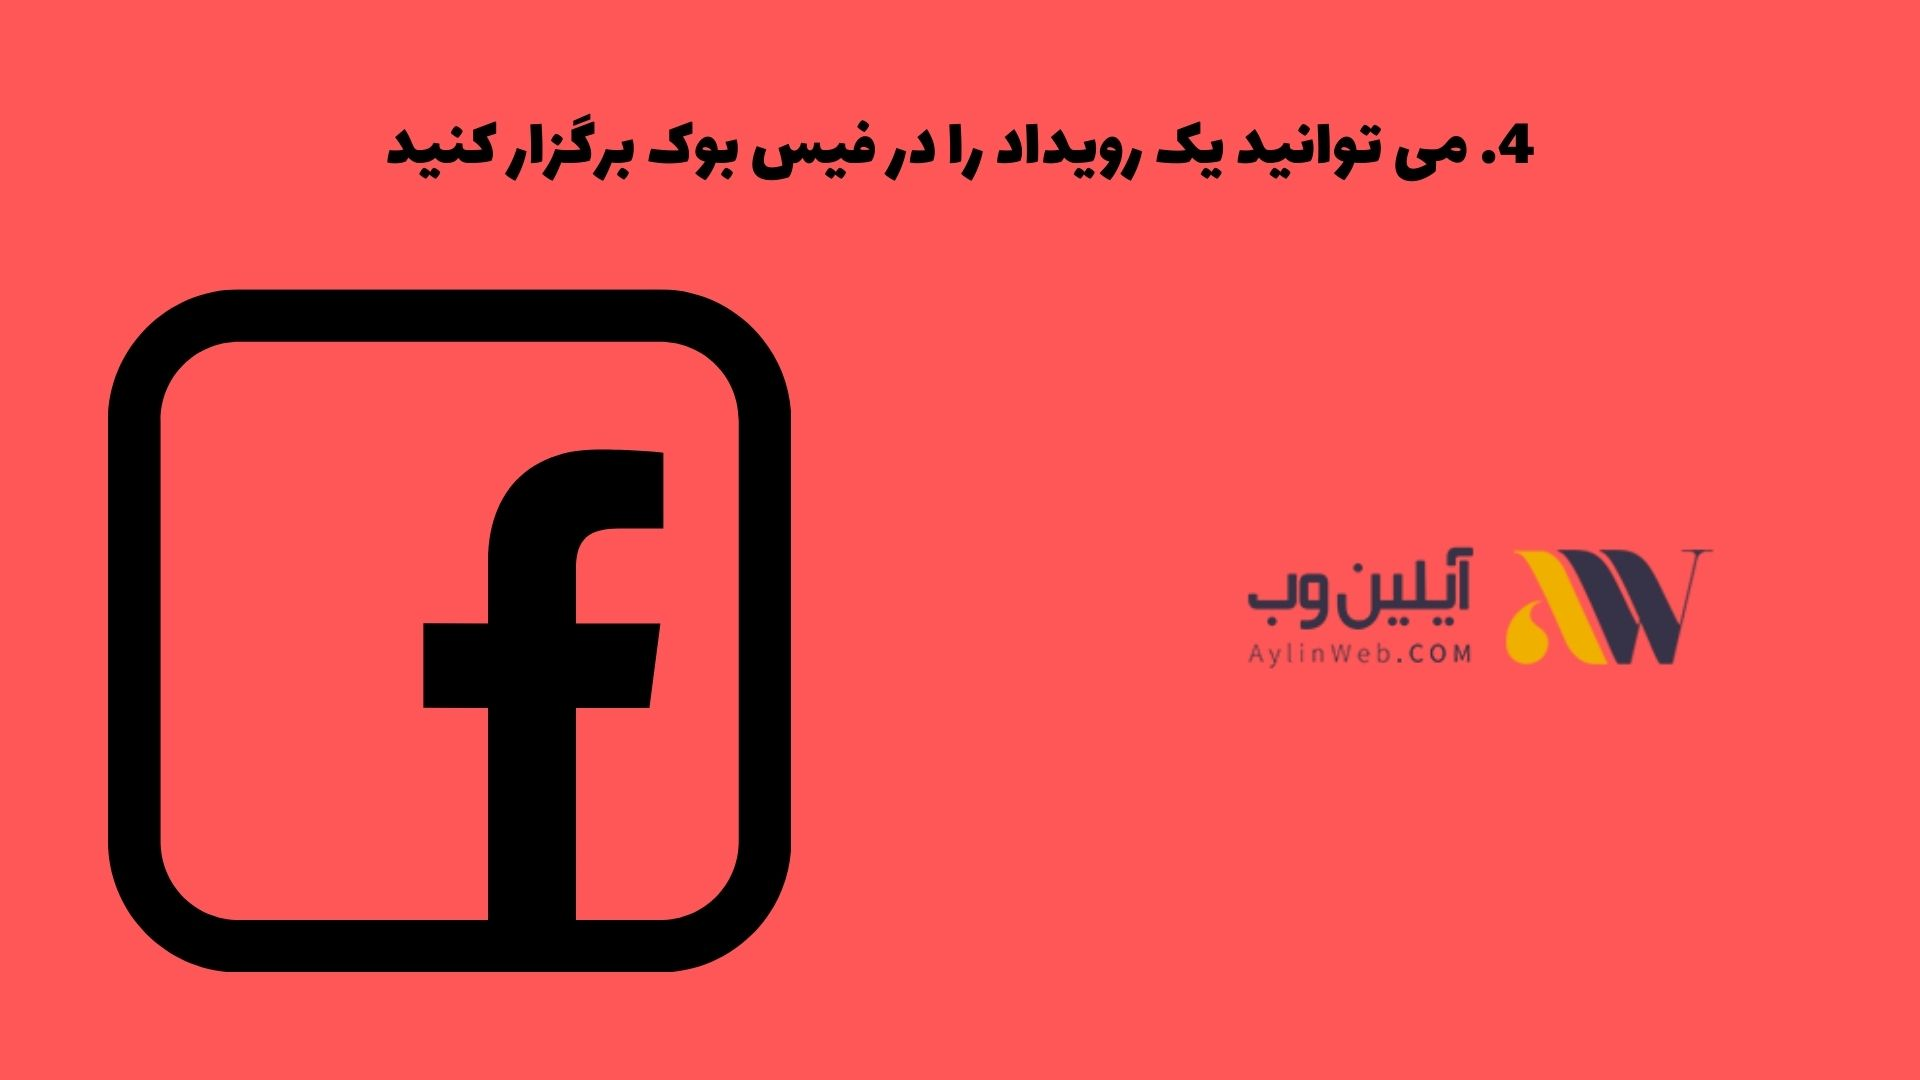 می توانید یک رویداد را در فیس بوک برگزار کنید